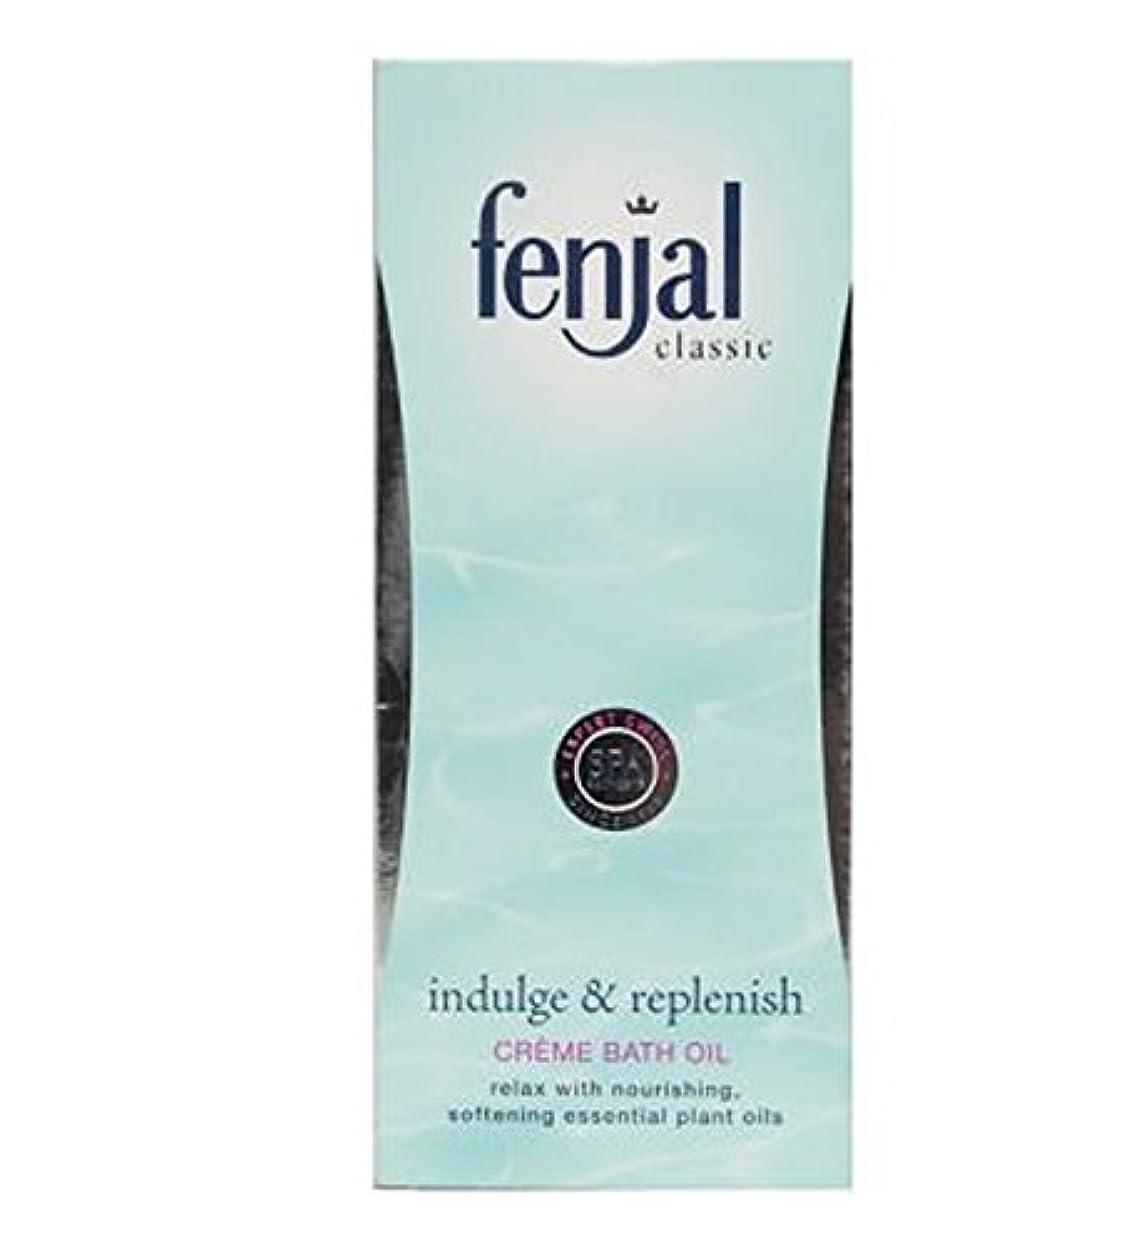 かすれた喜ぶ落胆したFenjal Classic Luxury Creme Bath Oil 125 ml - Fenjal古典的な高級クリームバスオイル125ミリリットル (Fenjal) [並行輸入品]